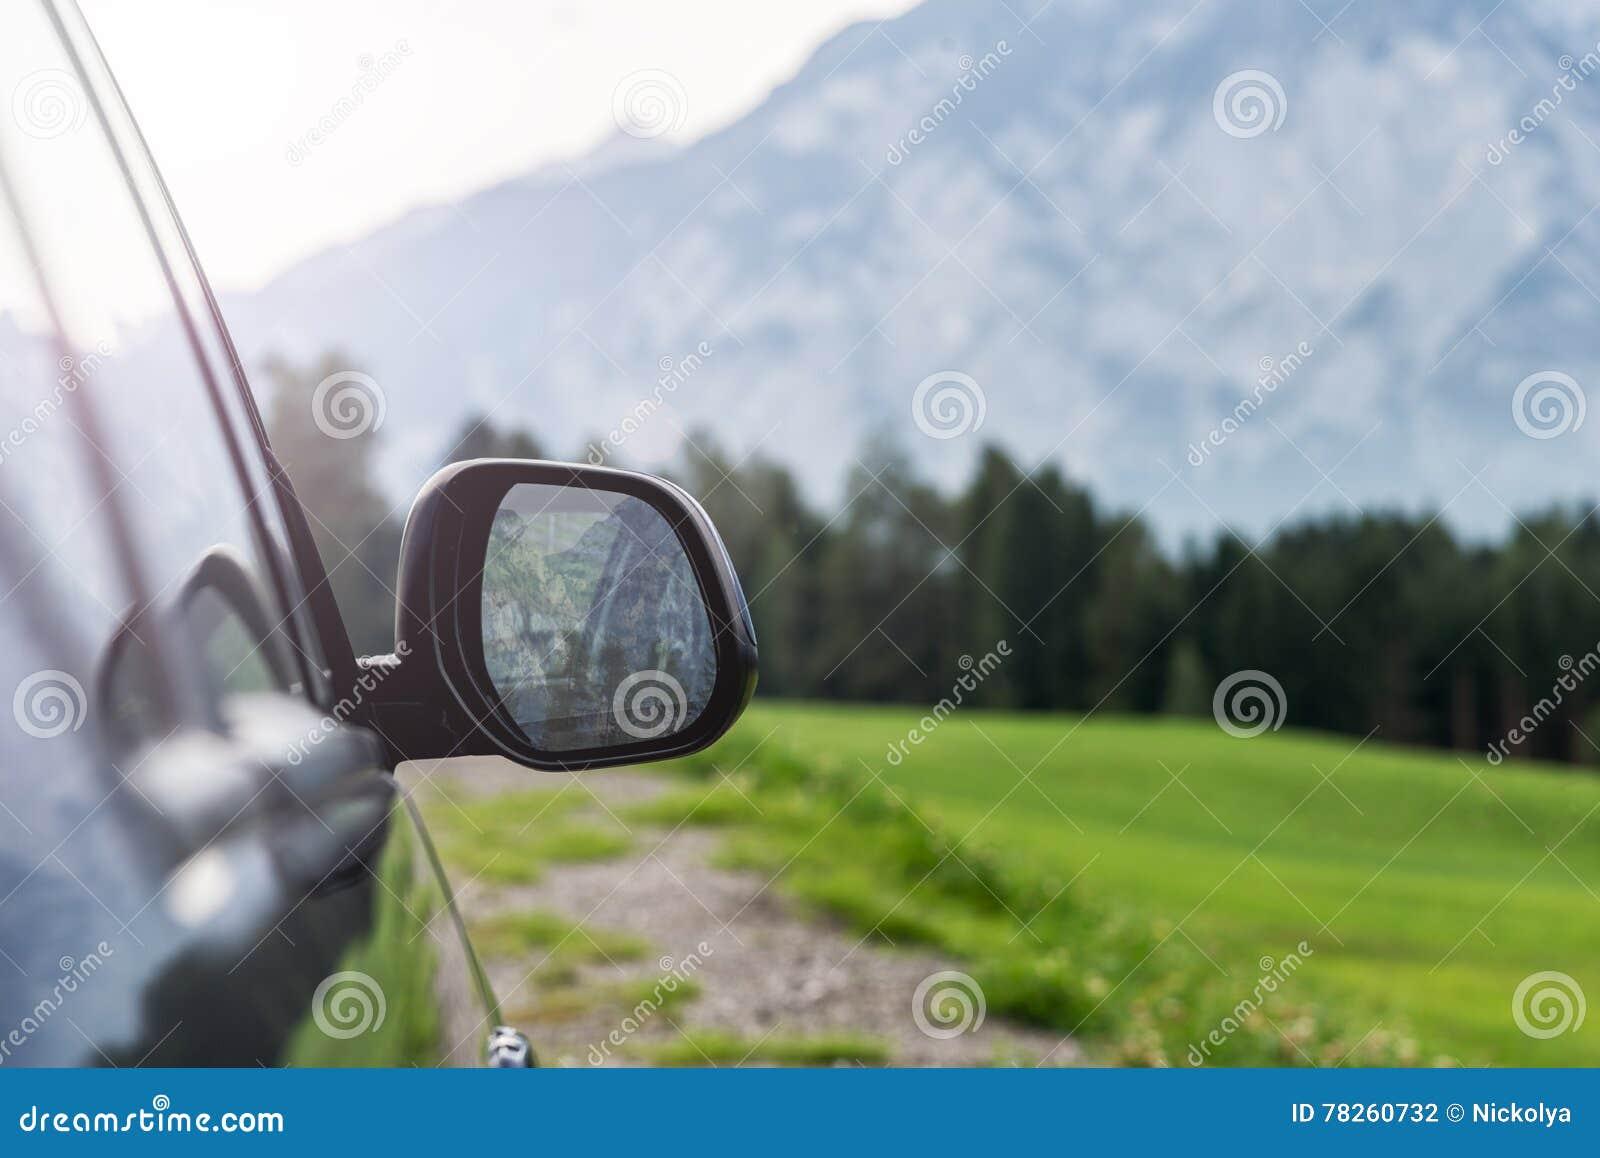 Αυτοκίνητο για το ταξίδι